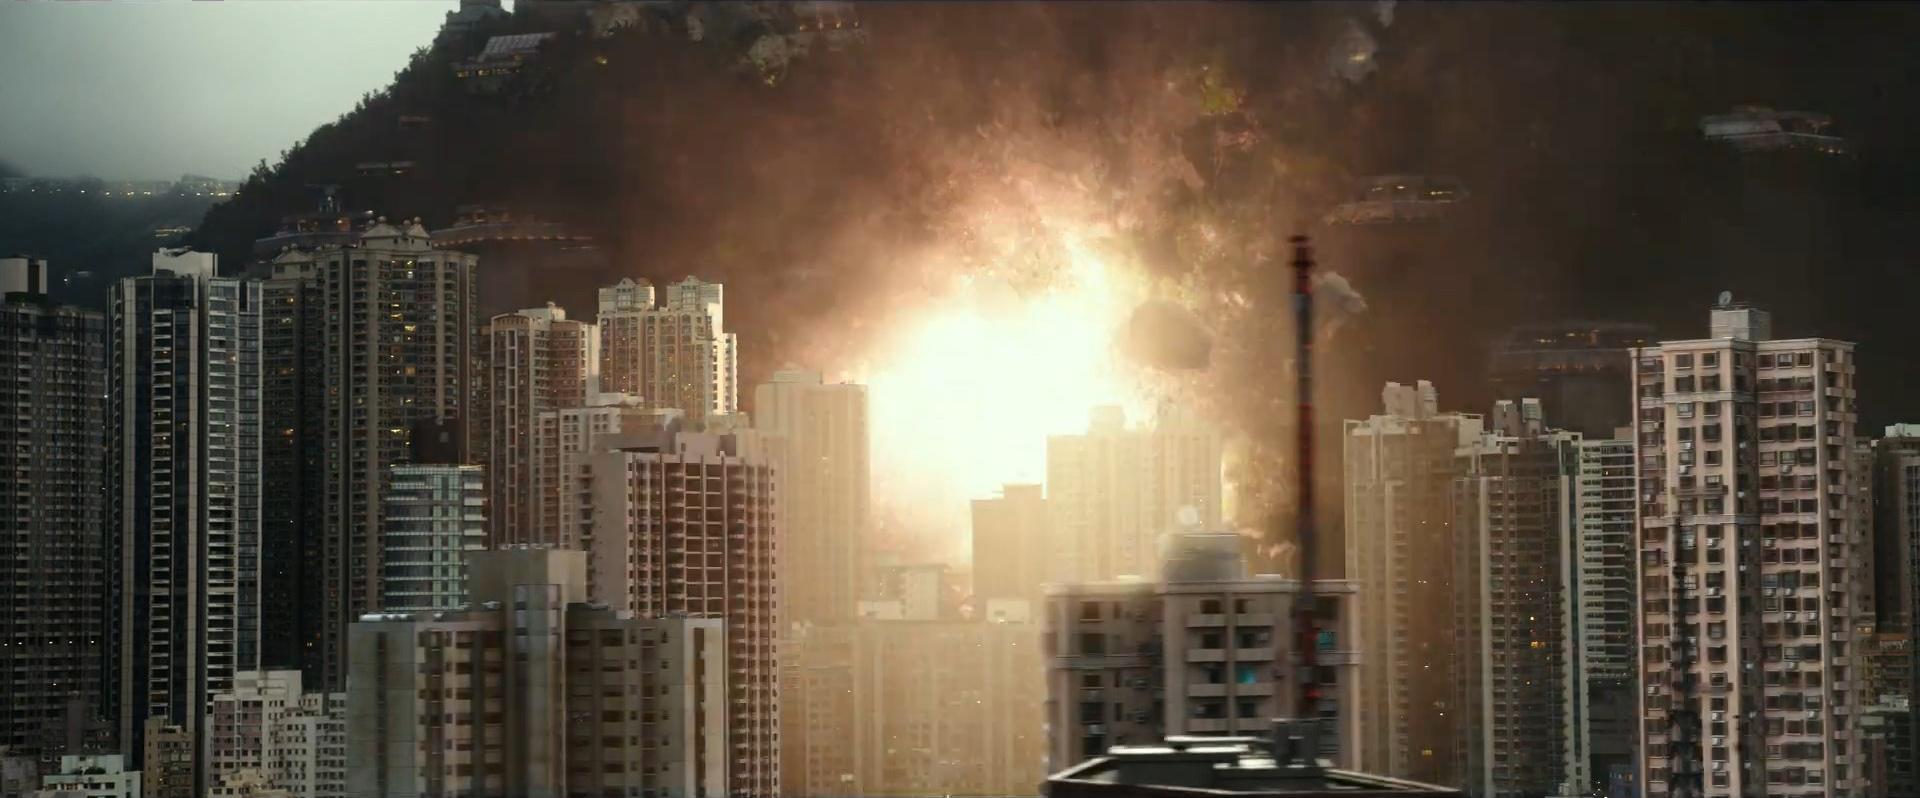 Godzilla vs Kong Trailer Still 01 - Destruction in the City